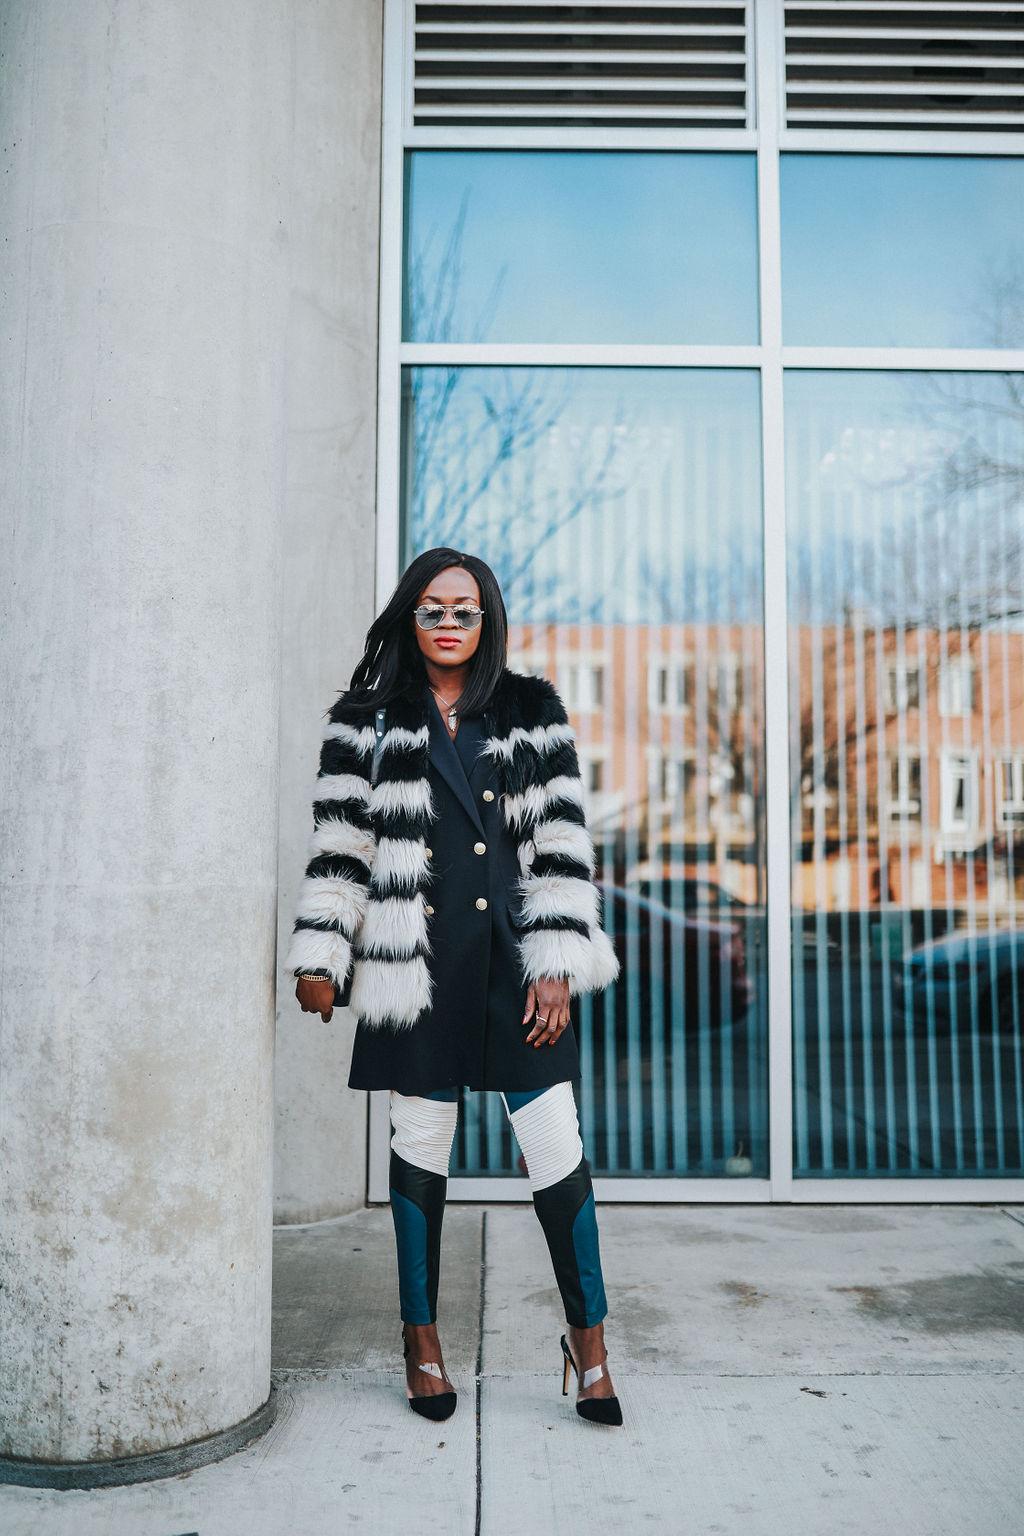 Statement Pieces: Faux coat and color block pants